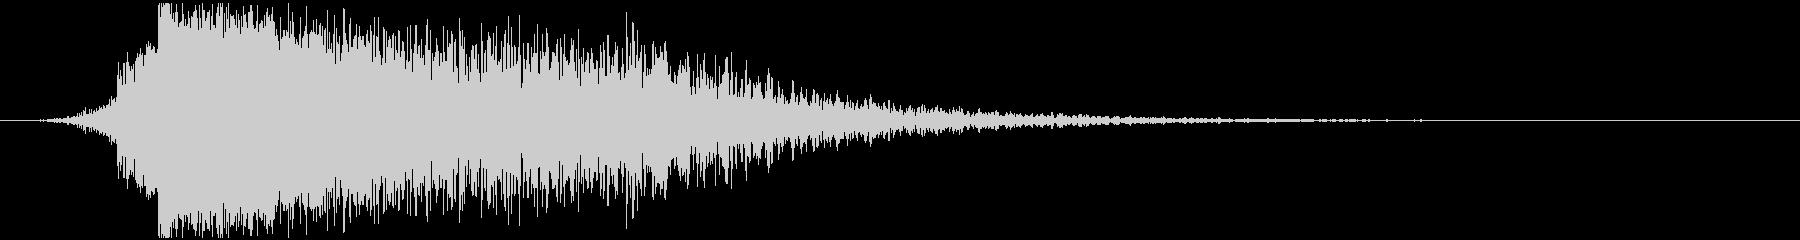 パワージングル シンセ SE5の未再生の波形